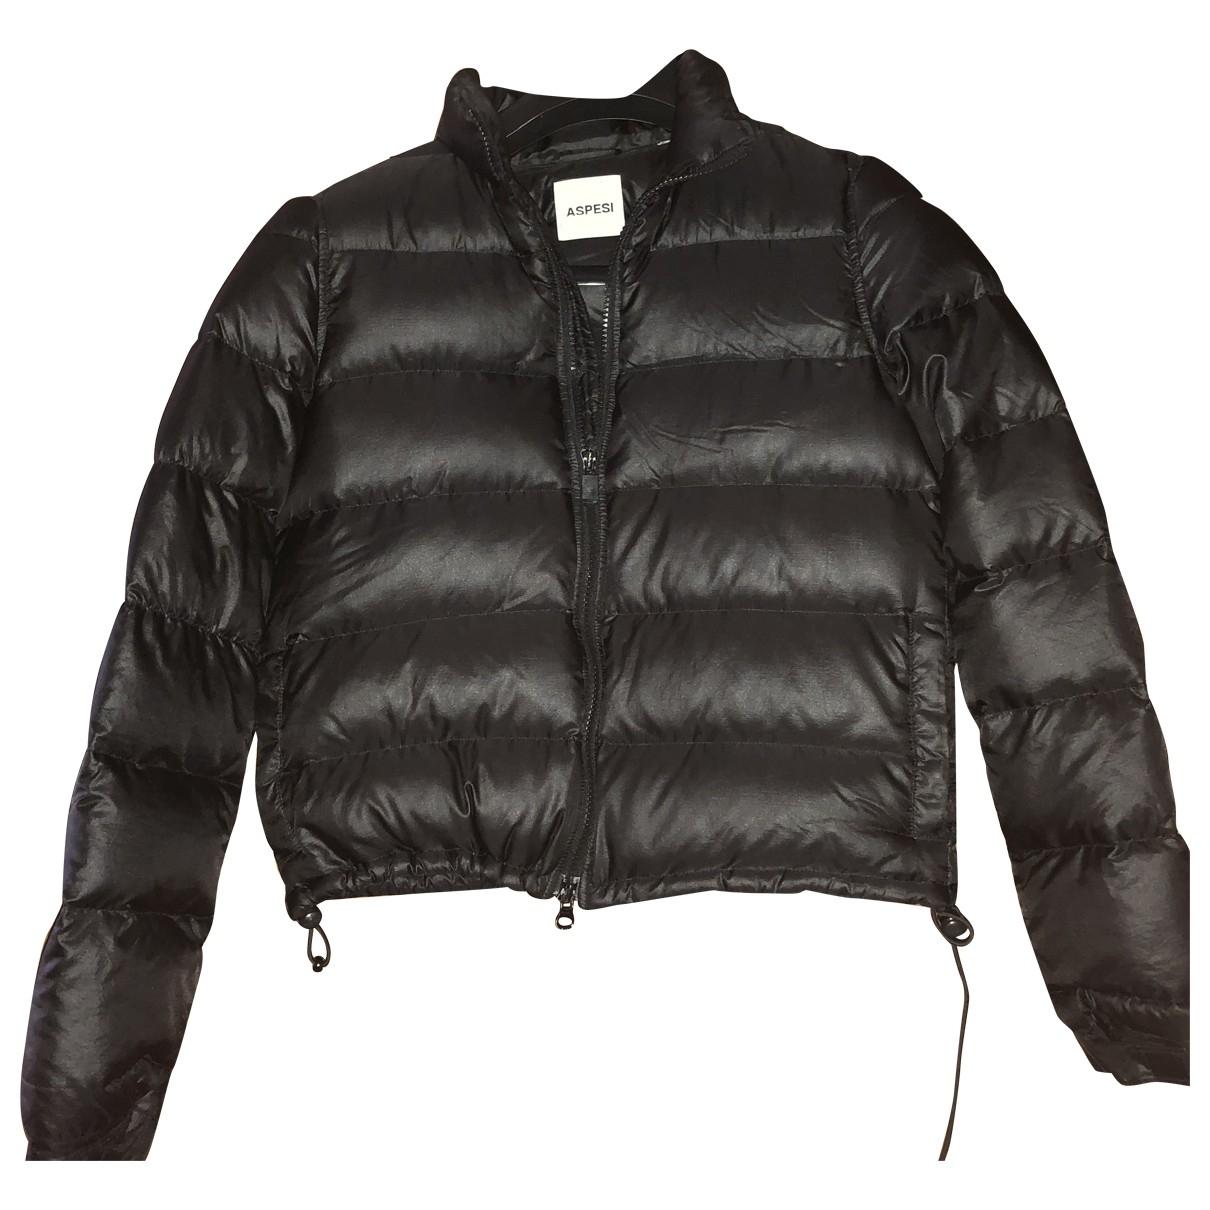 Aspesi \N Black coat for Women S International